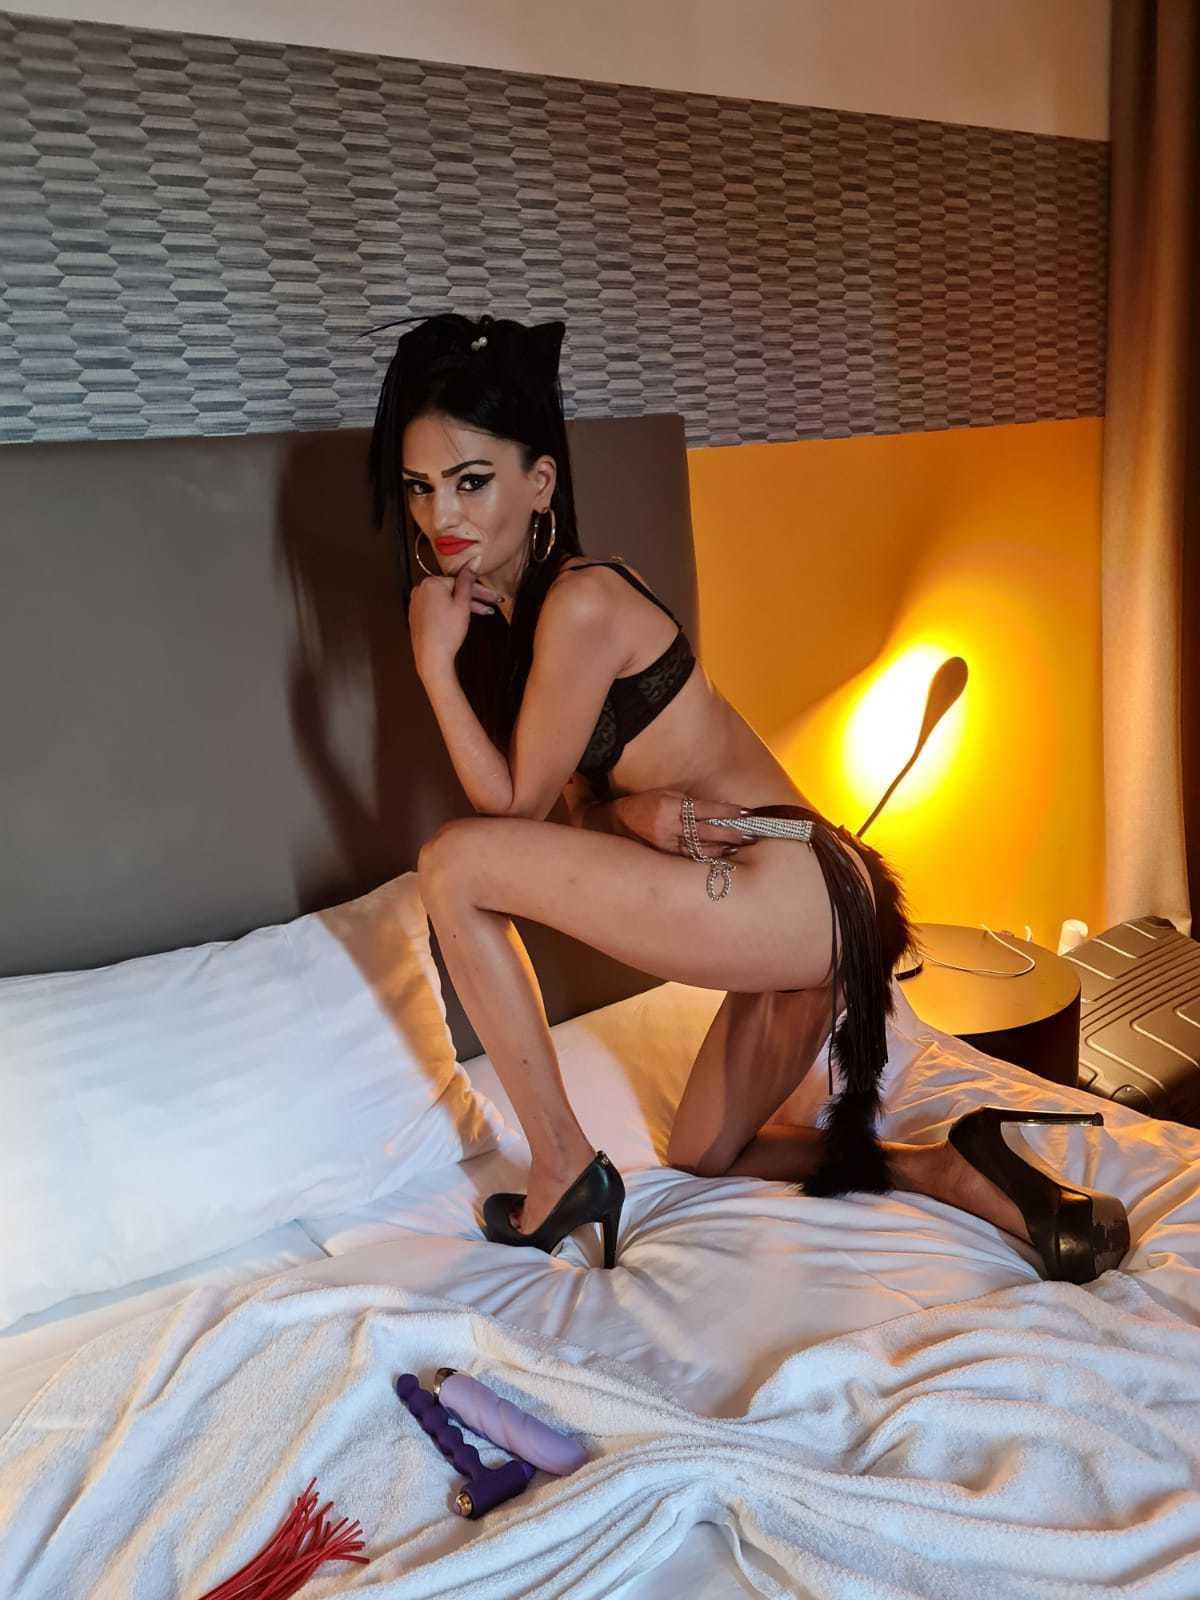 Vanessa from 4escort